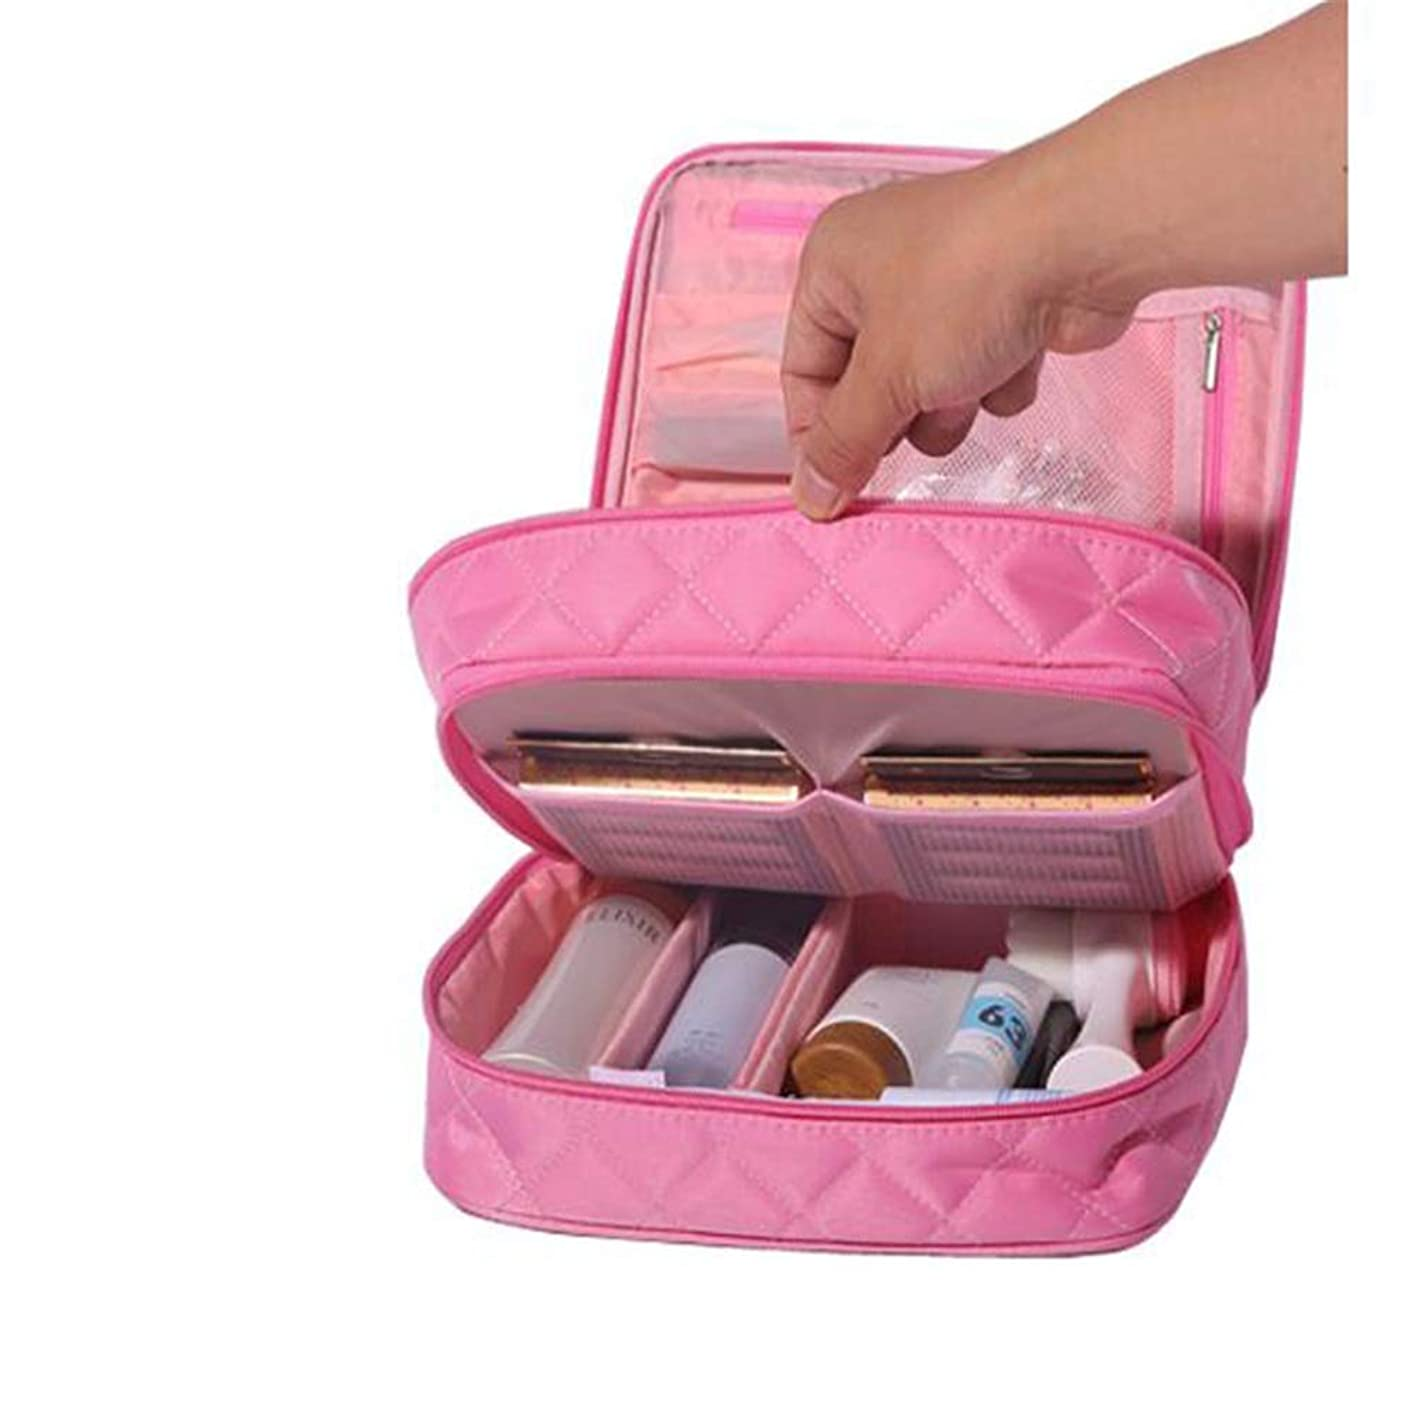 玉意味のあるバッテリー特大スペース収納ビューティーボックス 化粧品袋、携帯用旅行化粧品の箱、化粧品の箱、収納箱、調節可能なディバイダーが付いている小型化粧の電車箱、化粧品の化粧筆、化粧品 化粧品化粧台 (色 : ピンク)